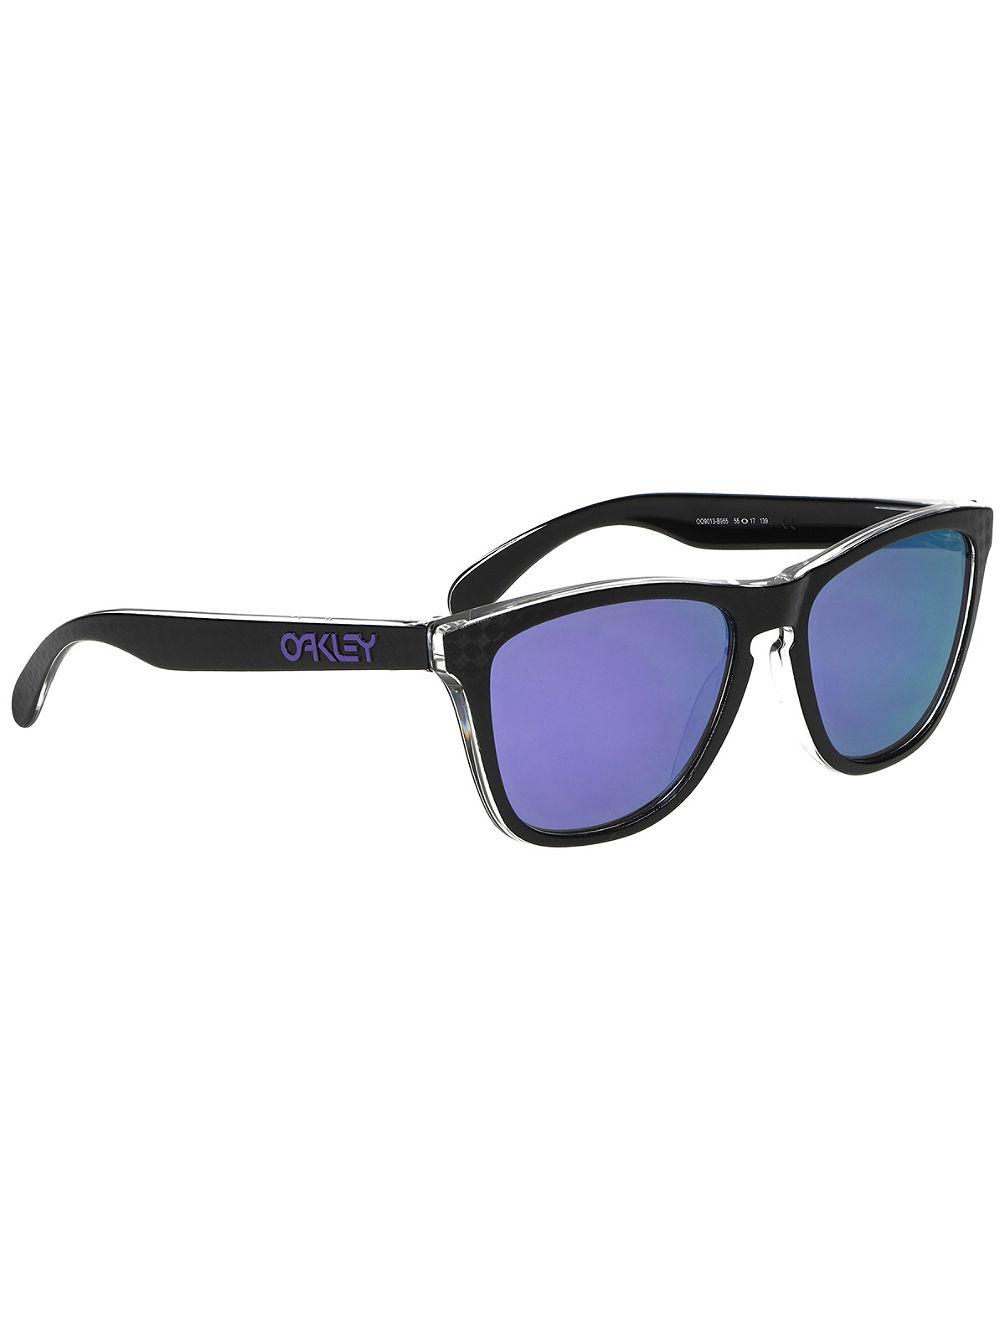 c7ac052f2af Buy Oakley Frogskins Checkbox Black online at blue-tomato.com